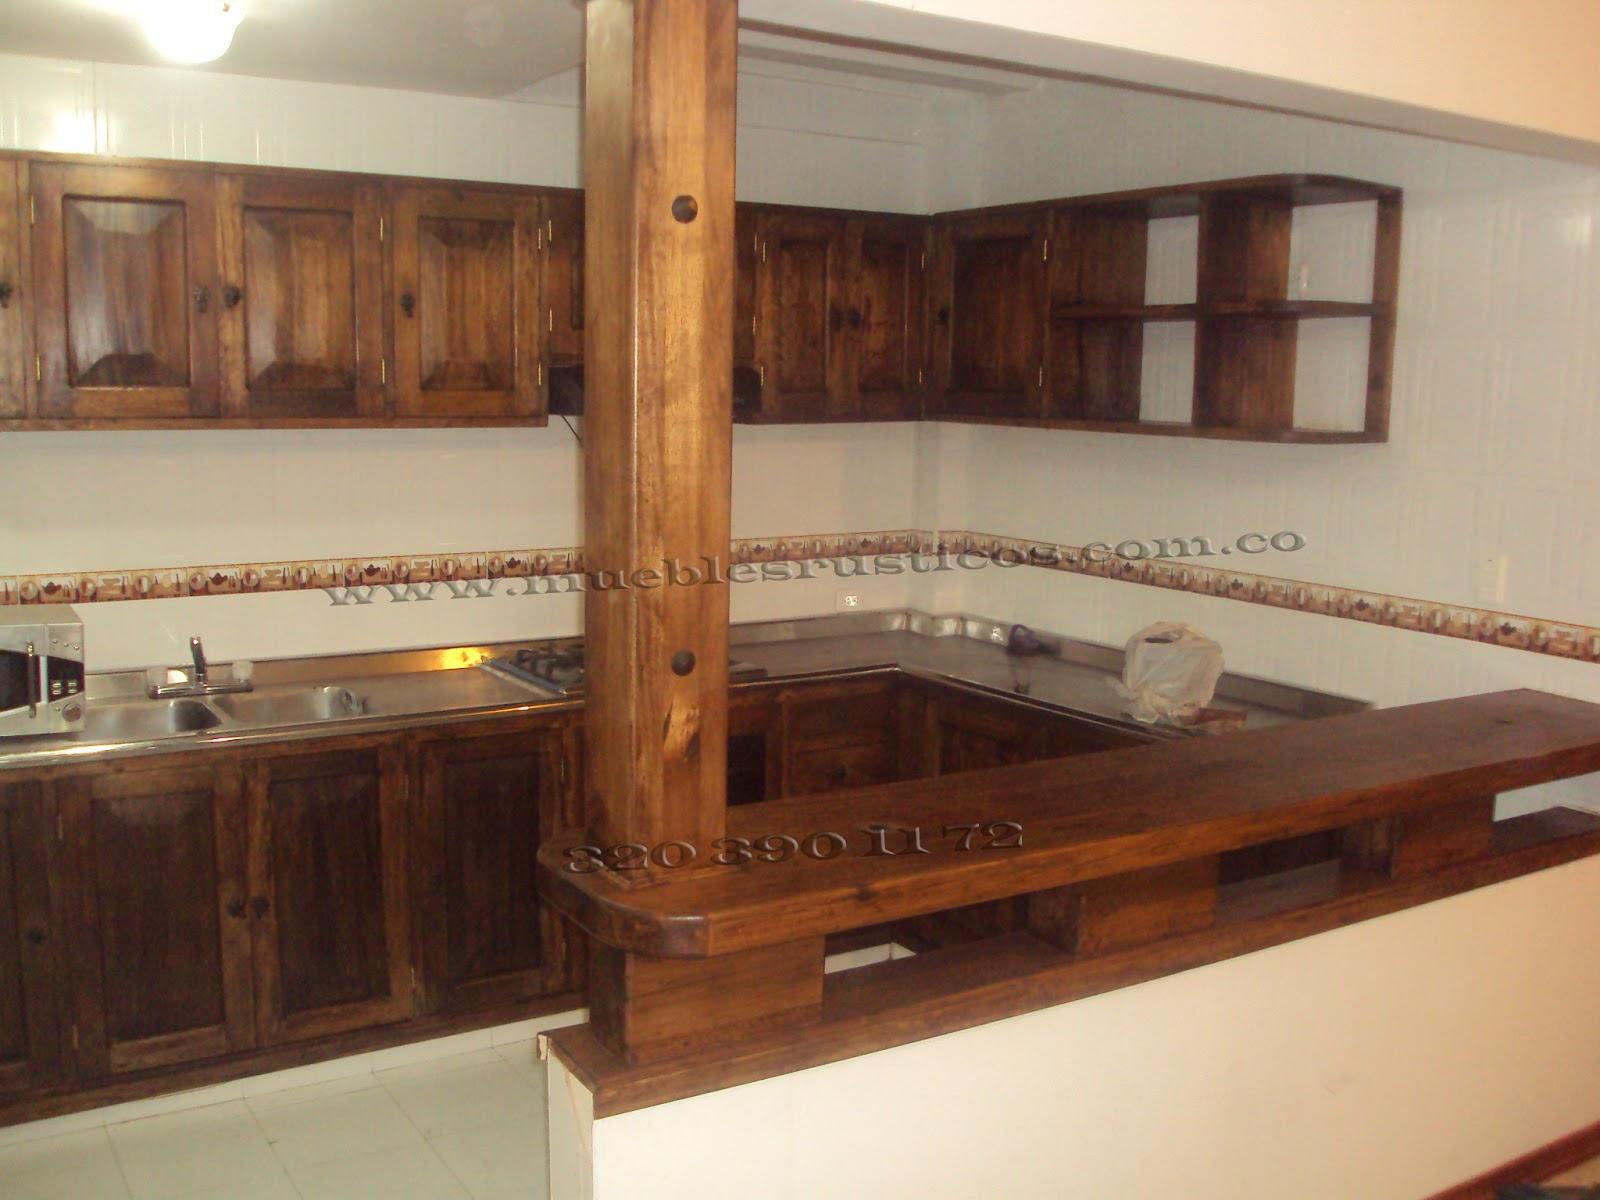 Muebles rusticos bogota cocinas integrales en madera for Muebles cocina rusticos